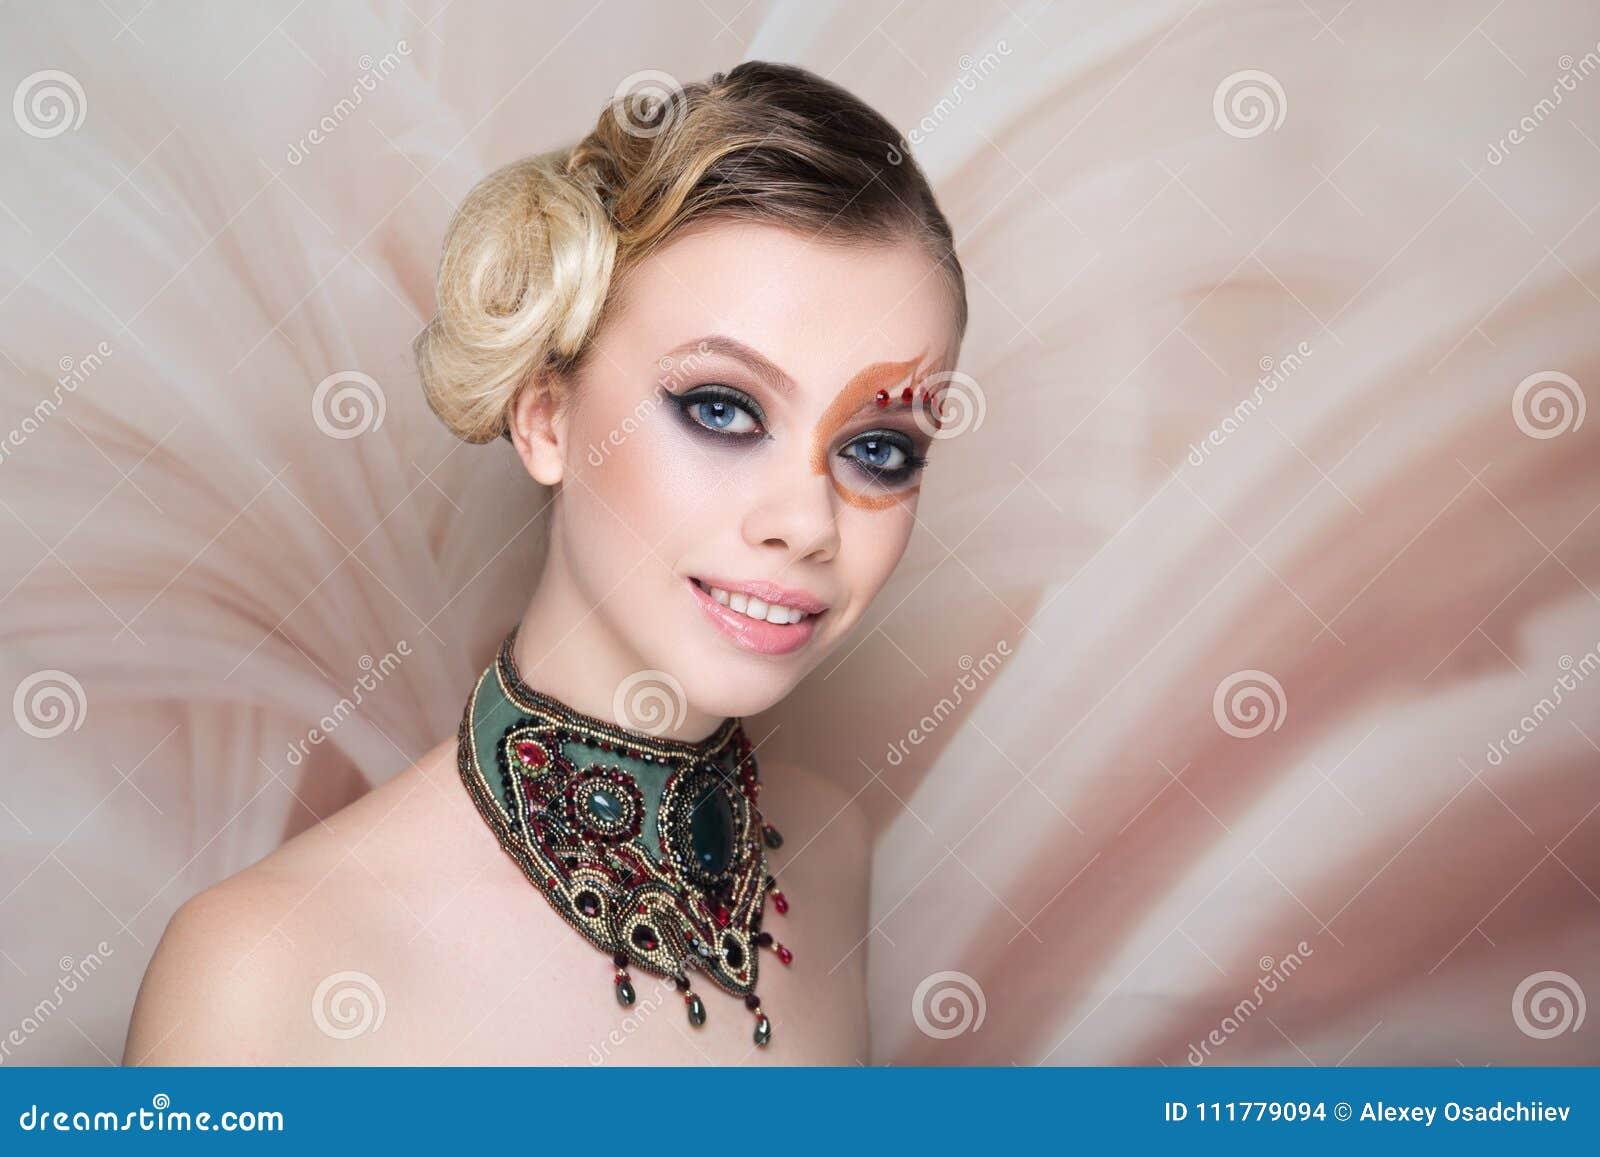 El arte de la cara de la belleza de la mujer compone